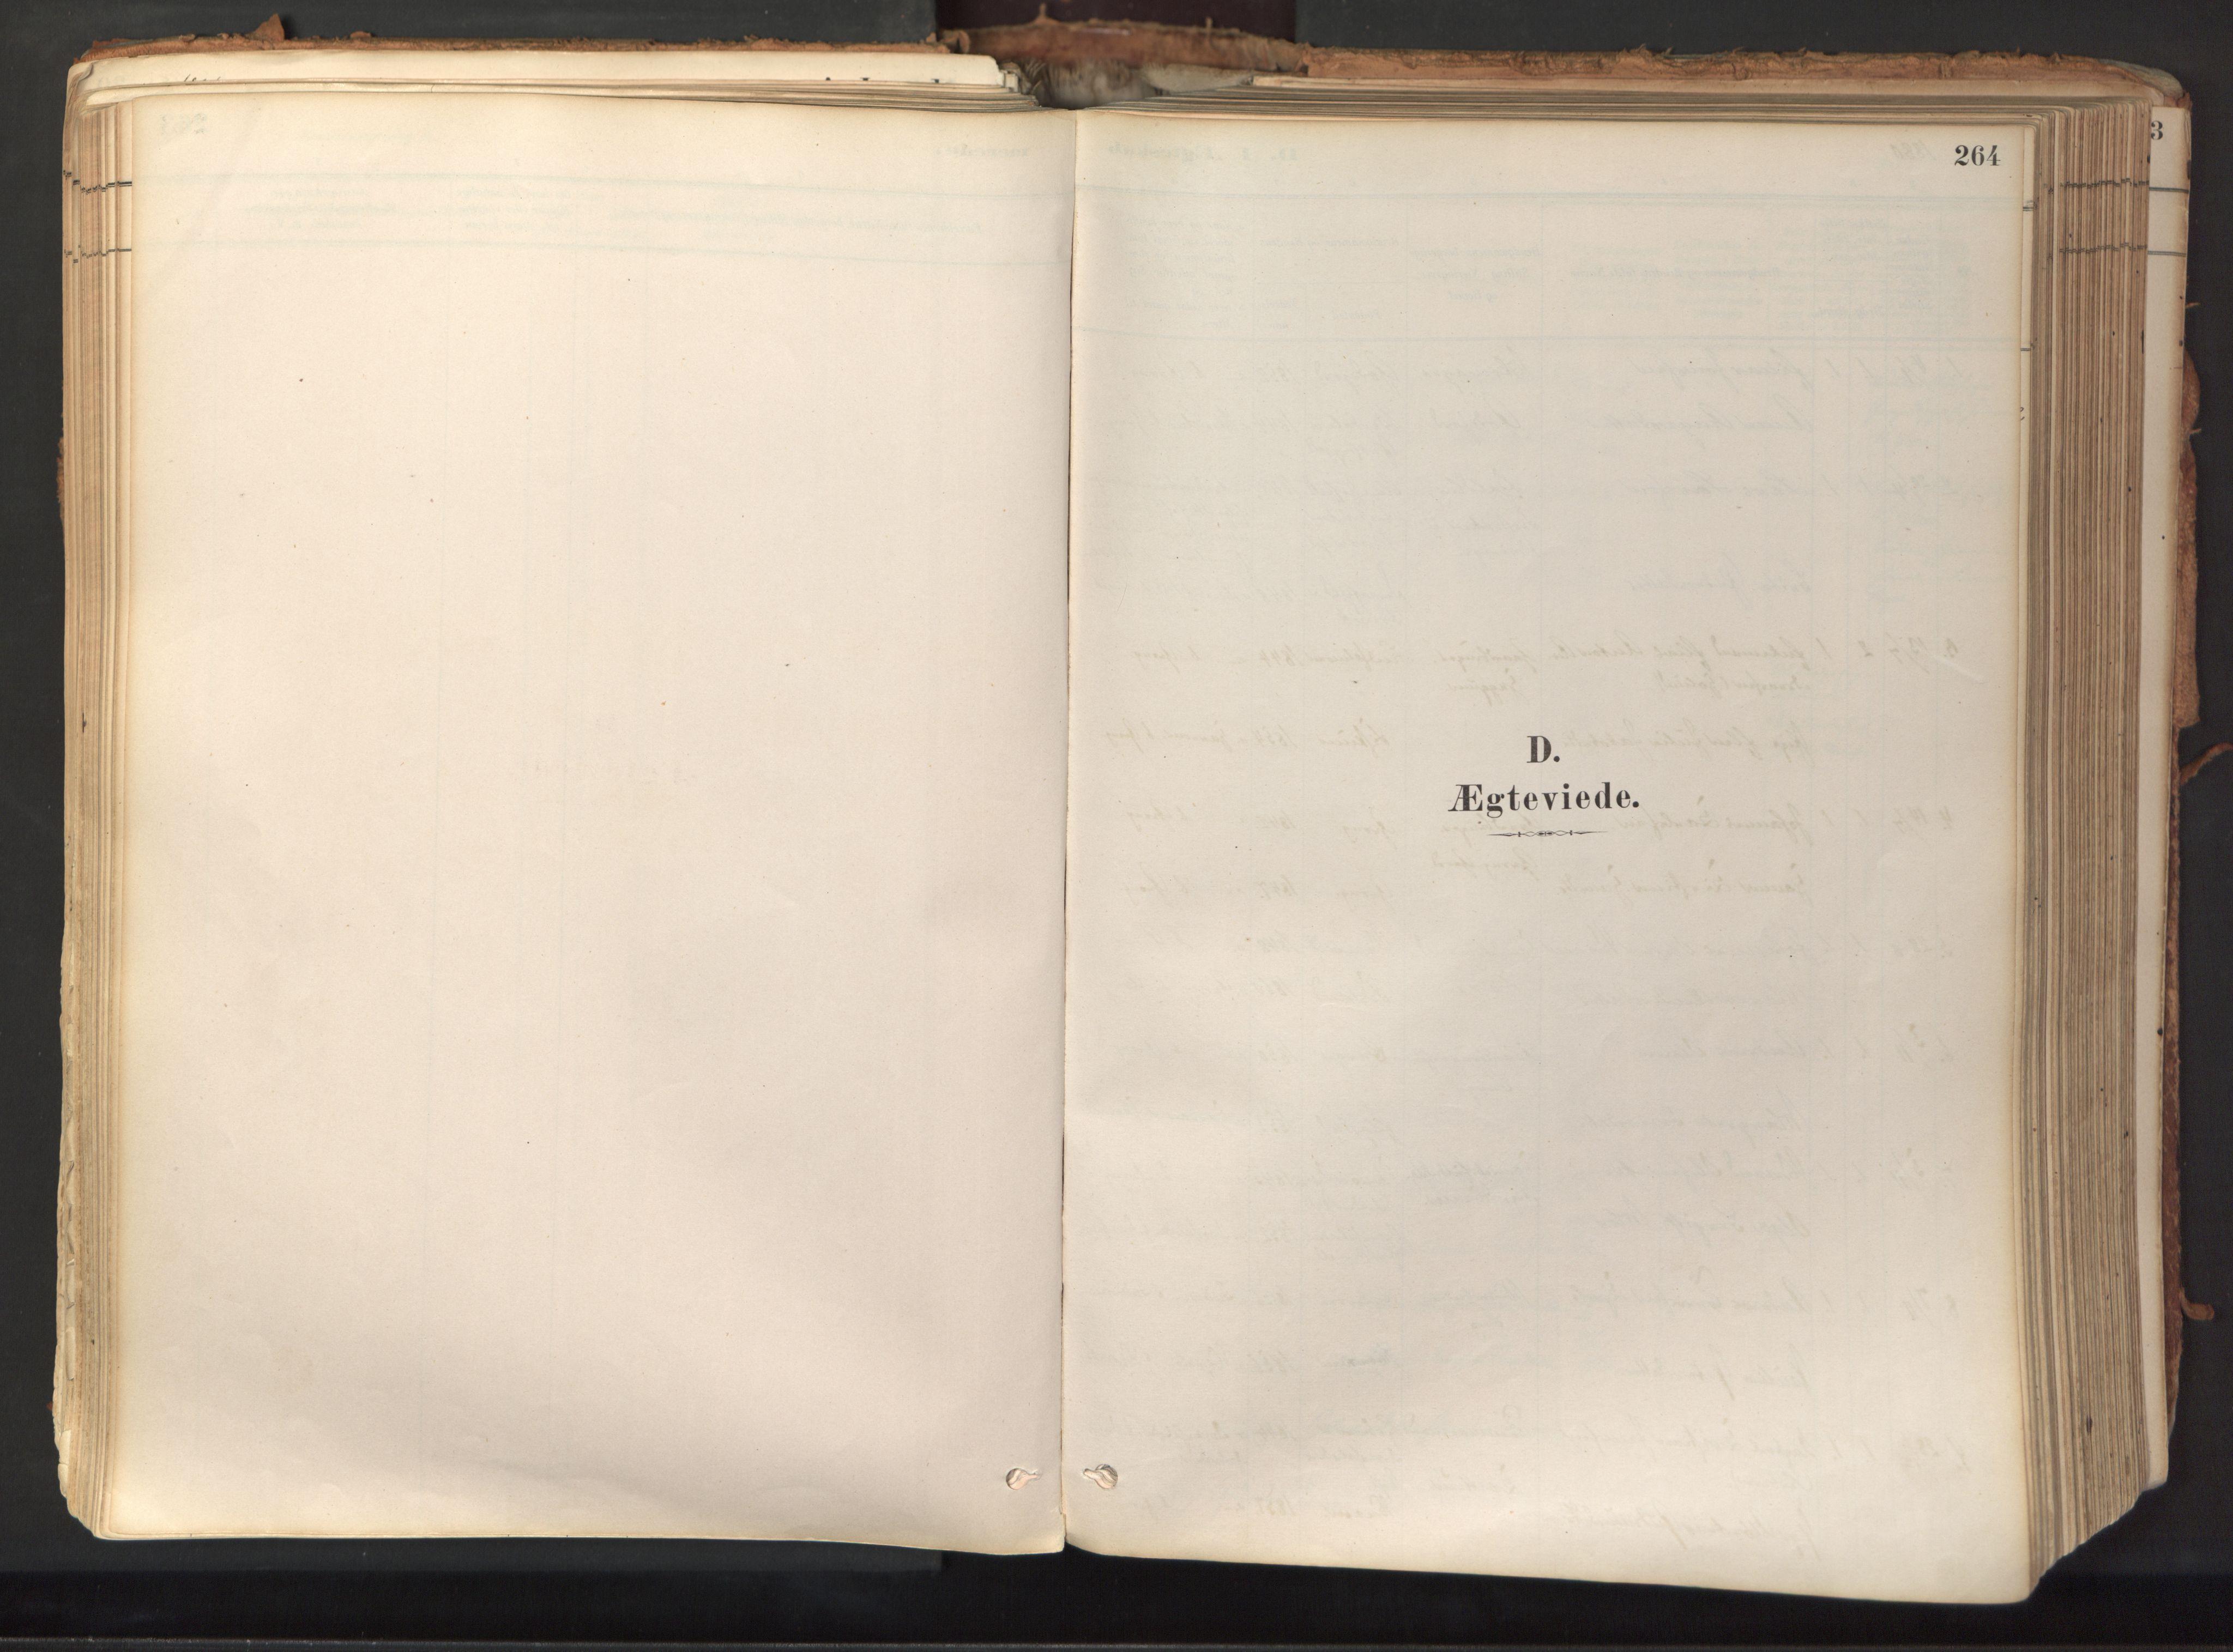 SAT, Ministerialprotokoller, klokkerbøker og fødselsregistre - Nord-Trøndelag, 758/L0519: Ministerialbok nr. 758A04, 1880-1926, s. 264